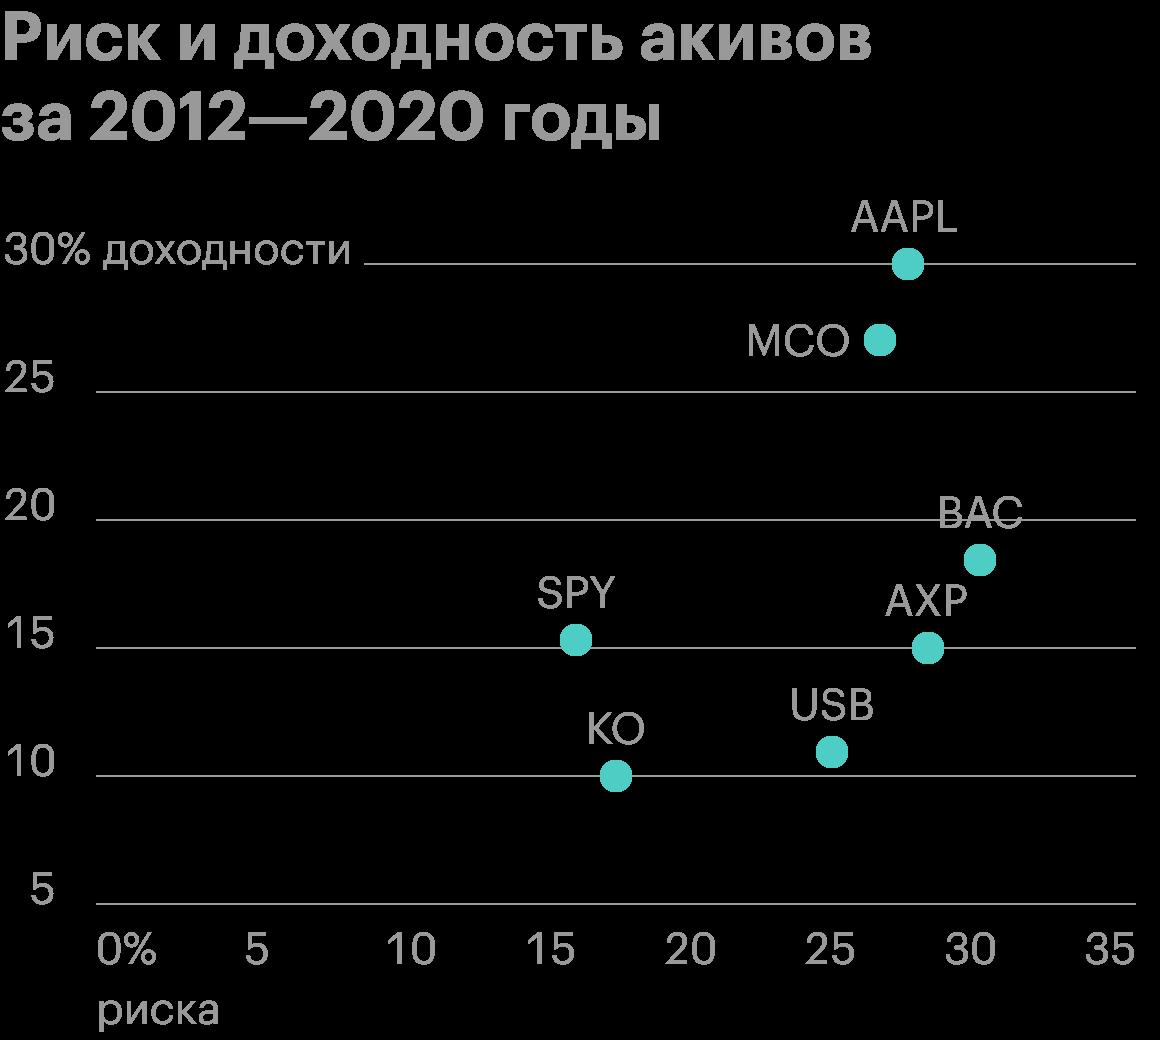 Можно заметить закономерность: в большинстве случаев, чем выше доходность активов, тем выше риск инвестирования в эти активы